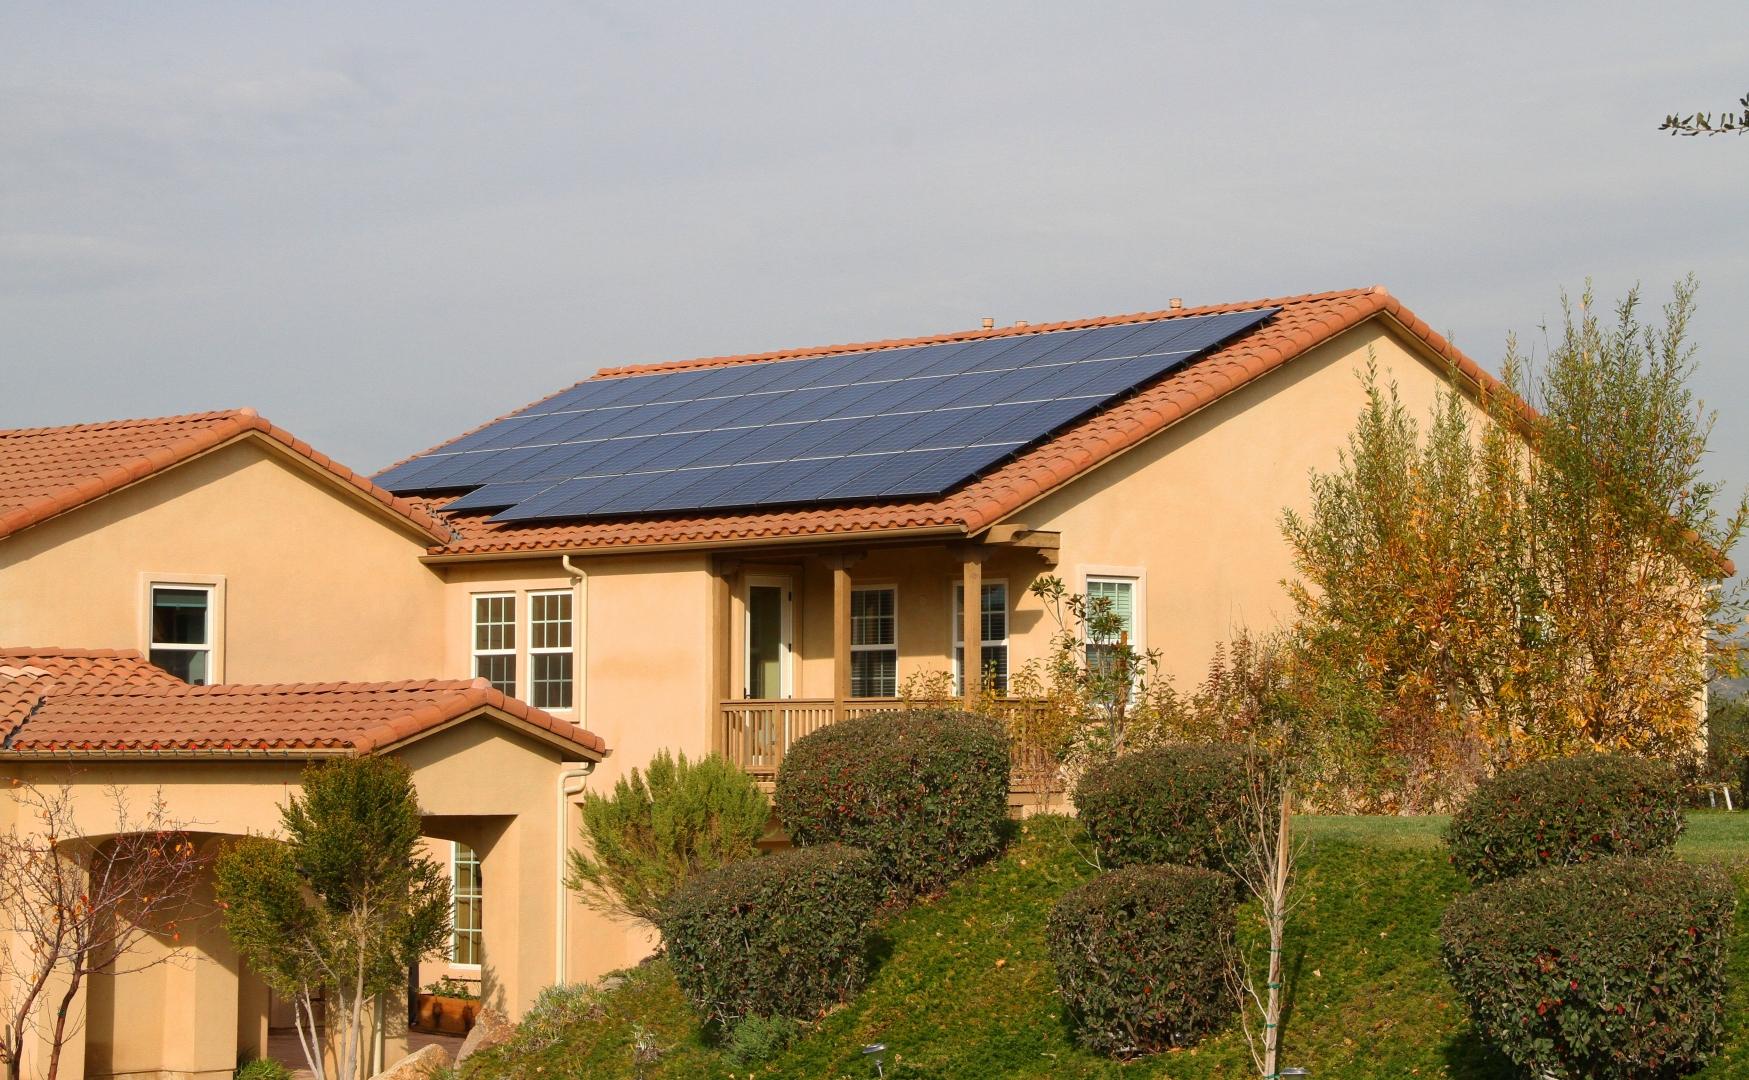 solid_solar_panel